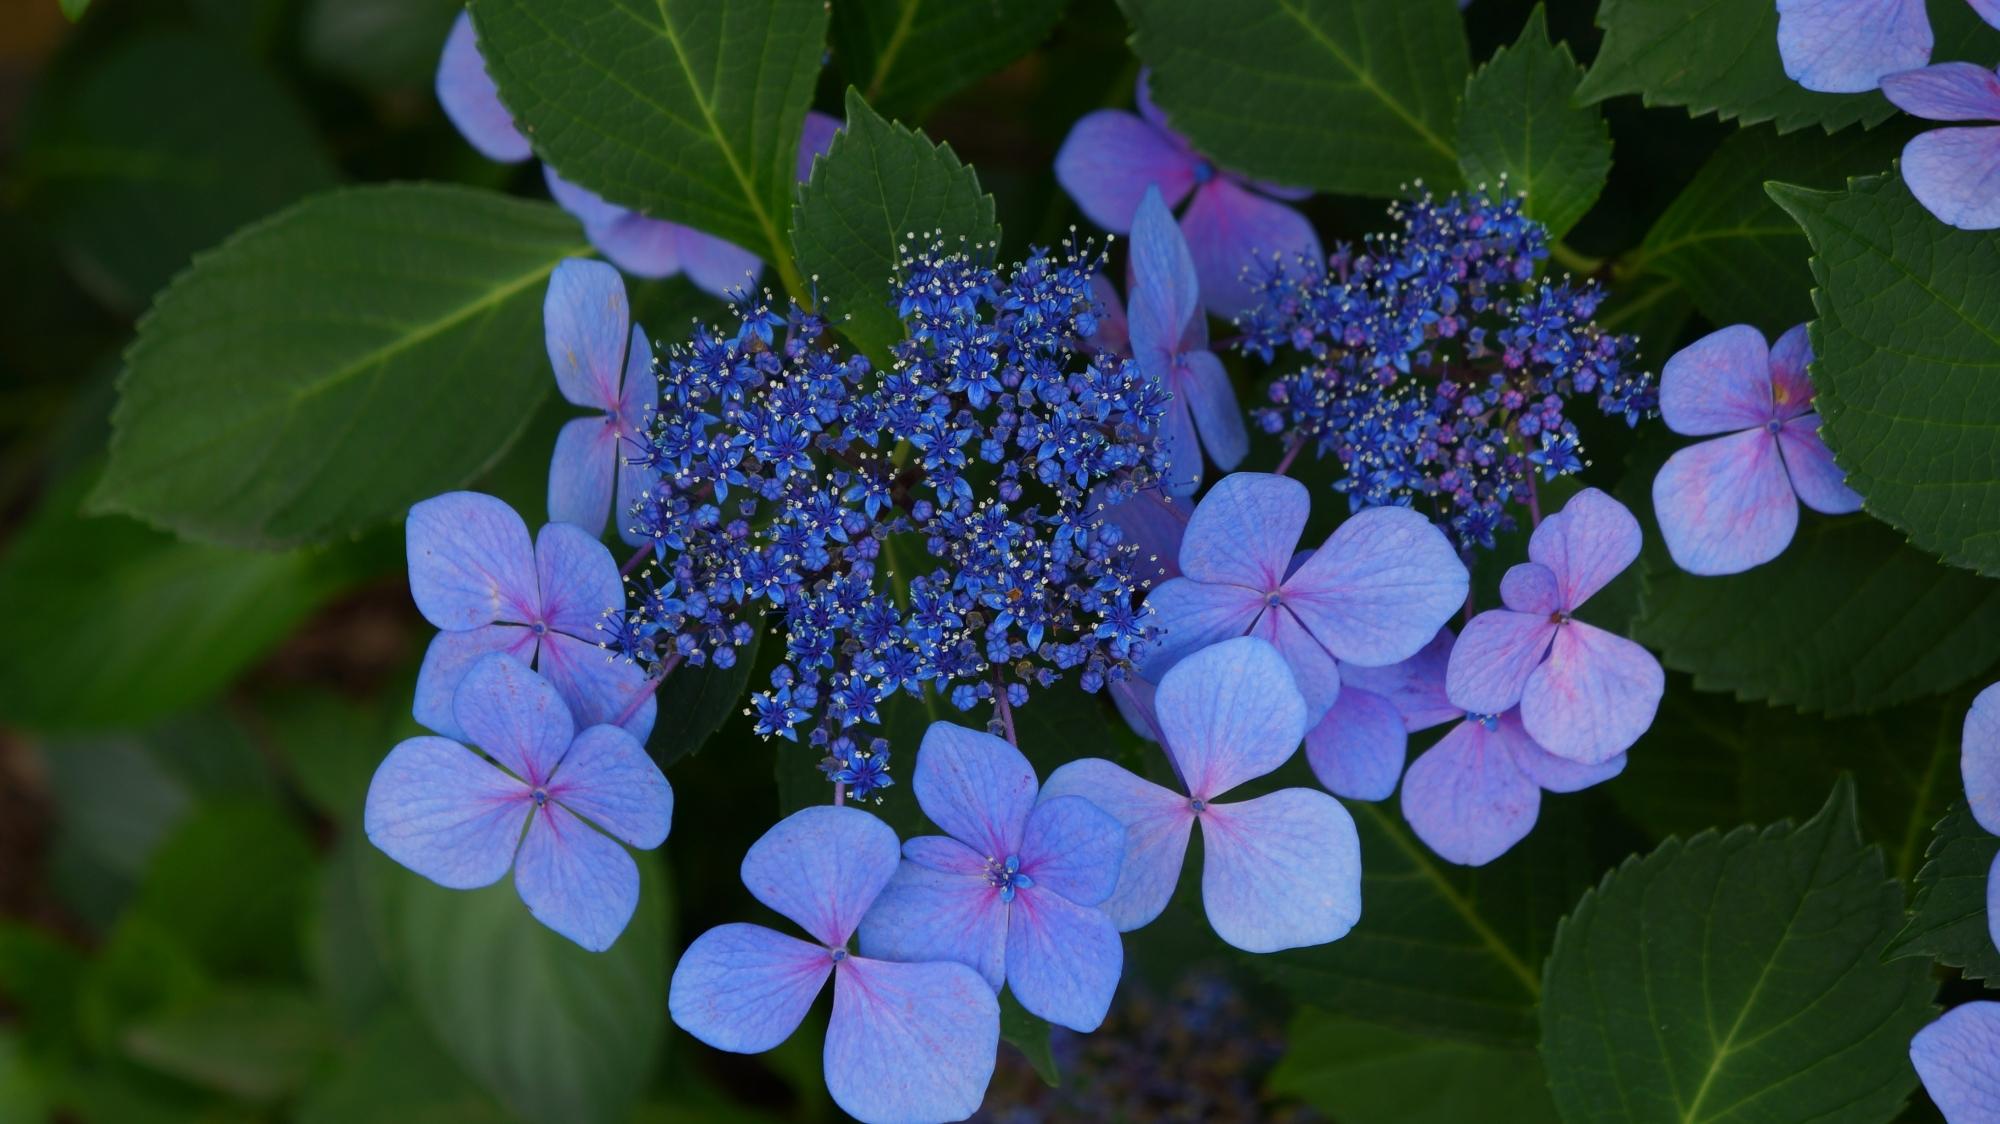 祇園白川の妖艶で幻想的な色合いの額紫陽花